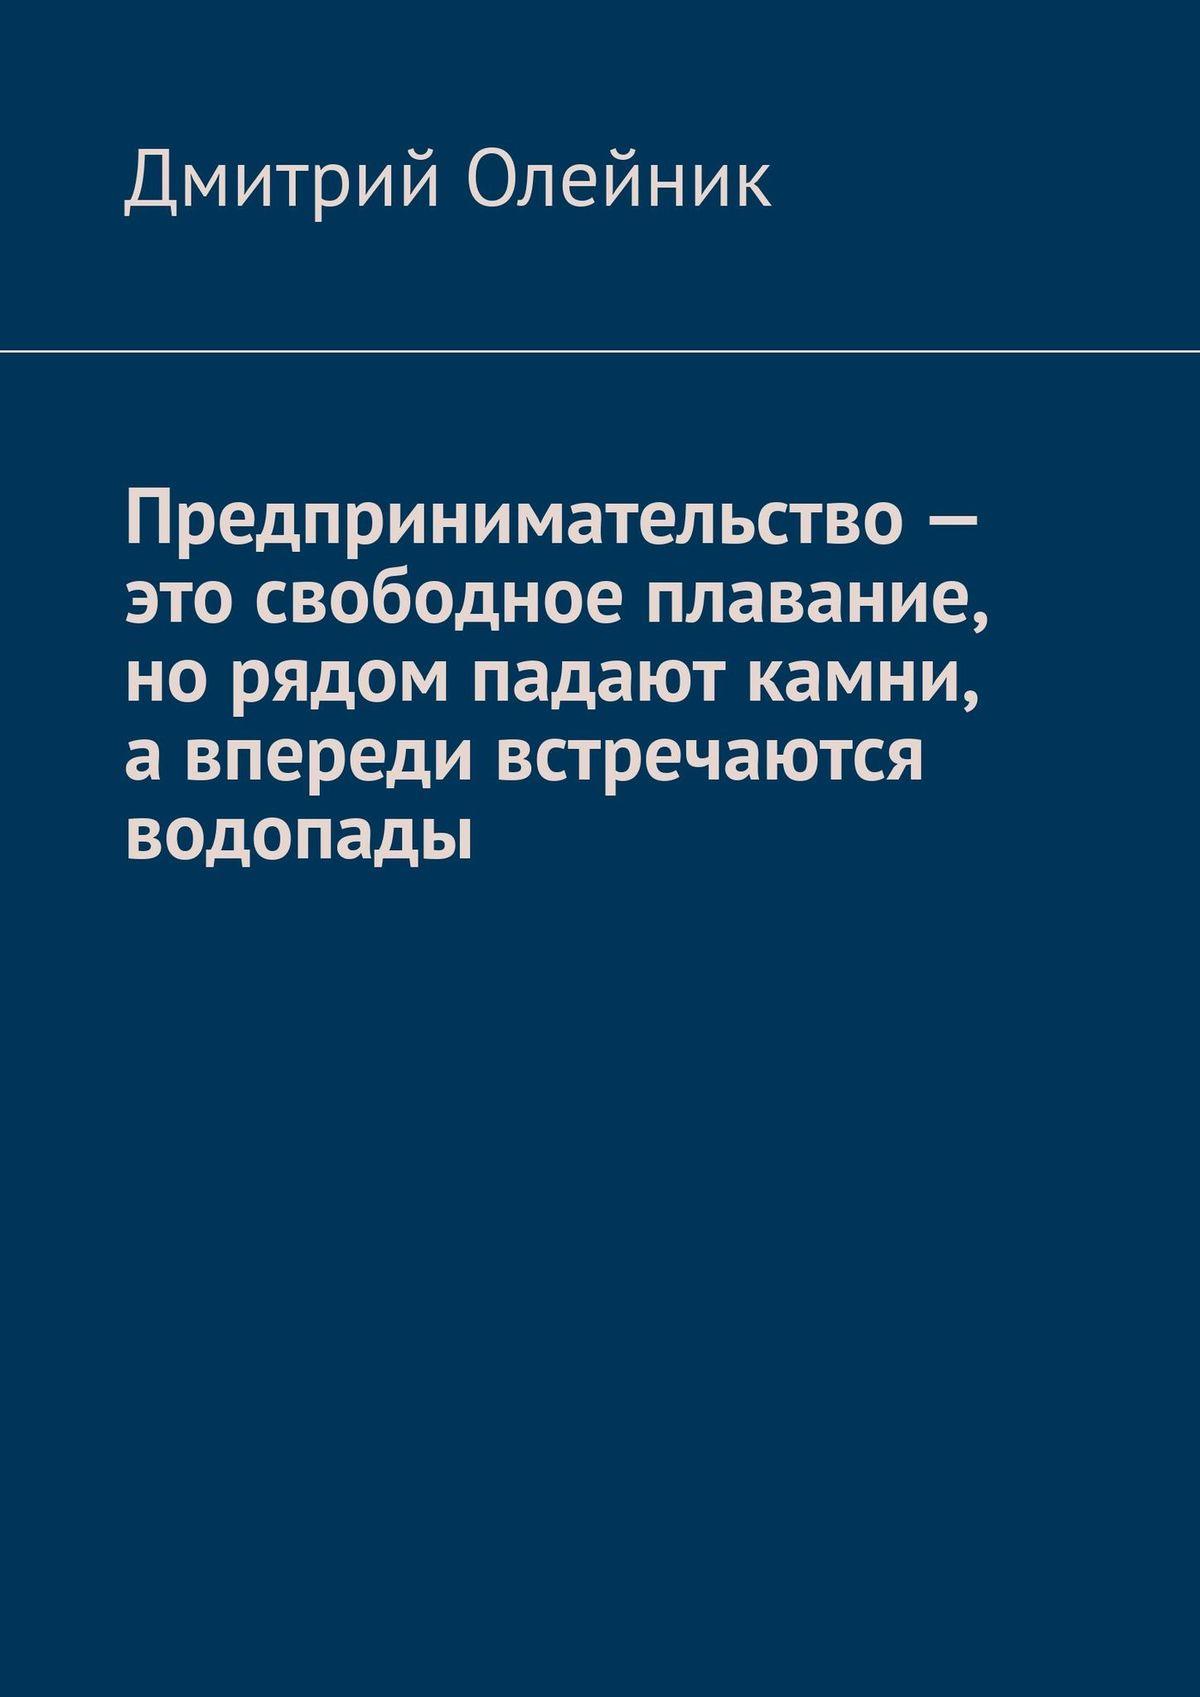 Дмитрий Олейник Предпринимательство – это свободное плавание, но рядом падают камни, а впереди встречаются водопады олейник с я нарисую храм стихотворения